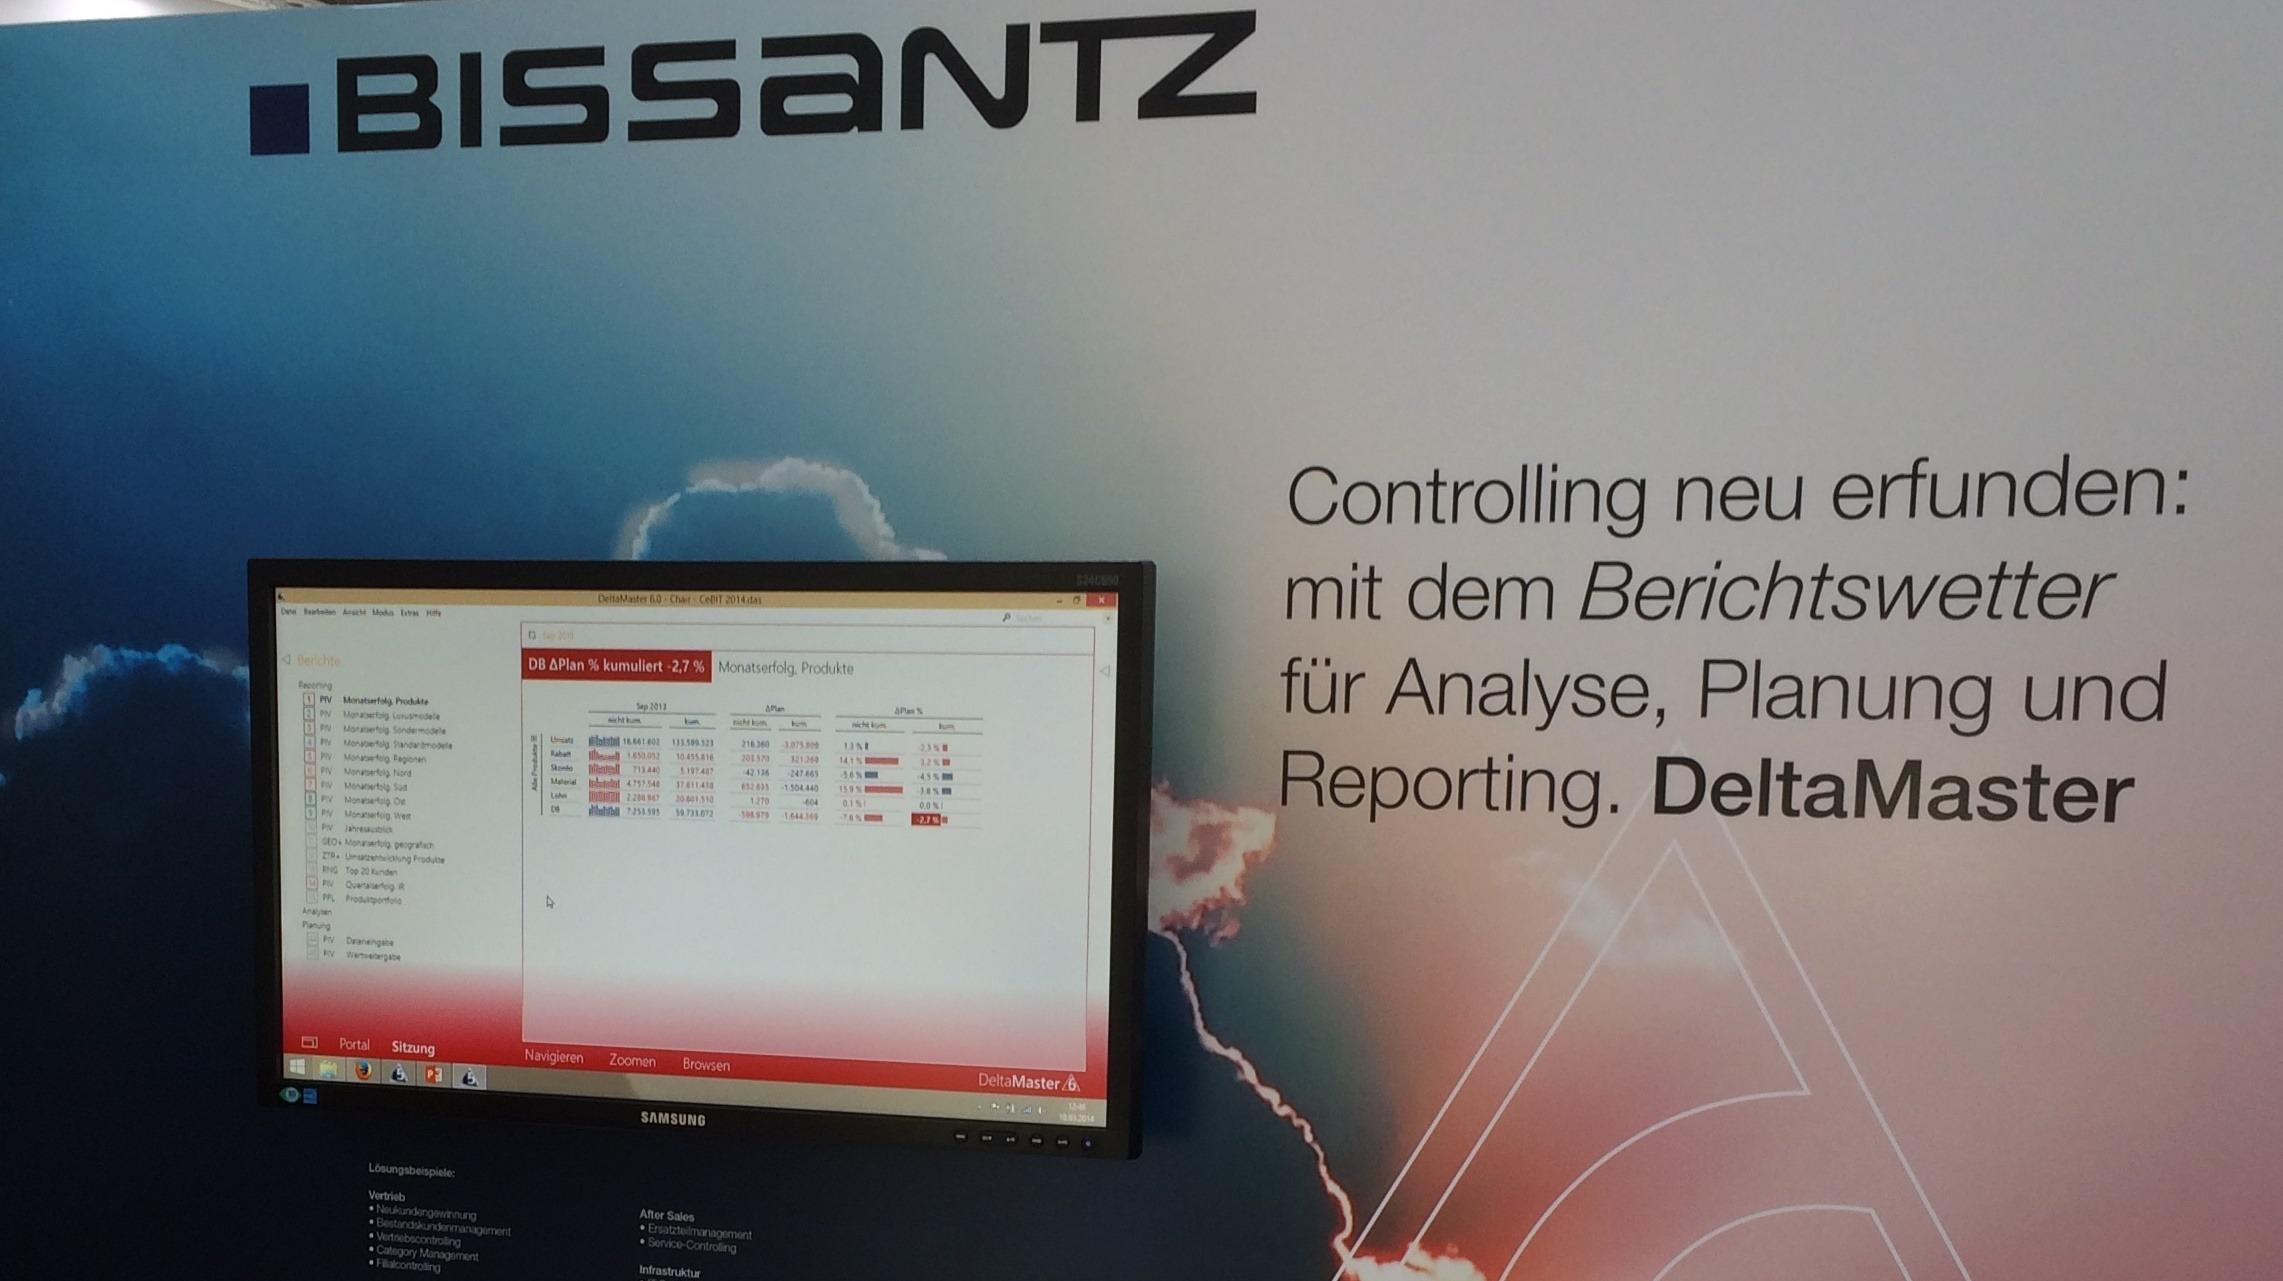 Cebit Hannover 2014: DeltaMaster 6 - Berichtswetter für Ihr Controlling - Cebit Hannover 2014: Bissantz stellt die neue Generation von BI-Software vor